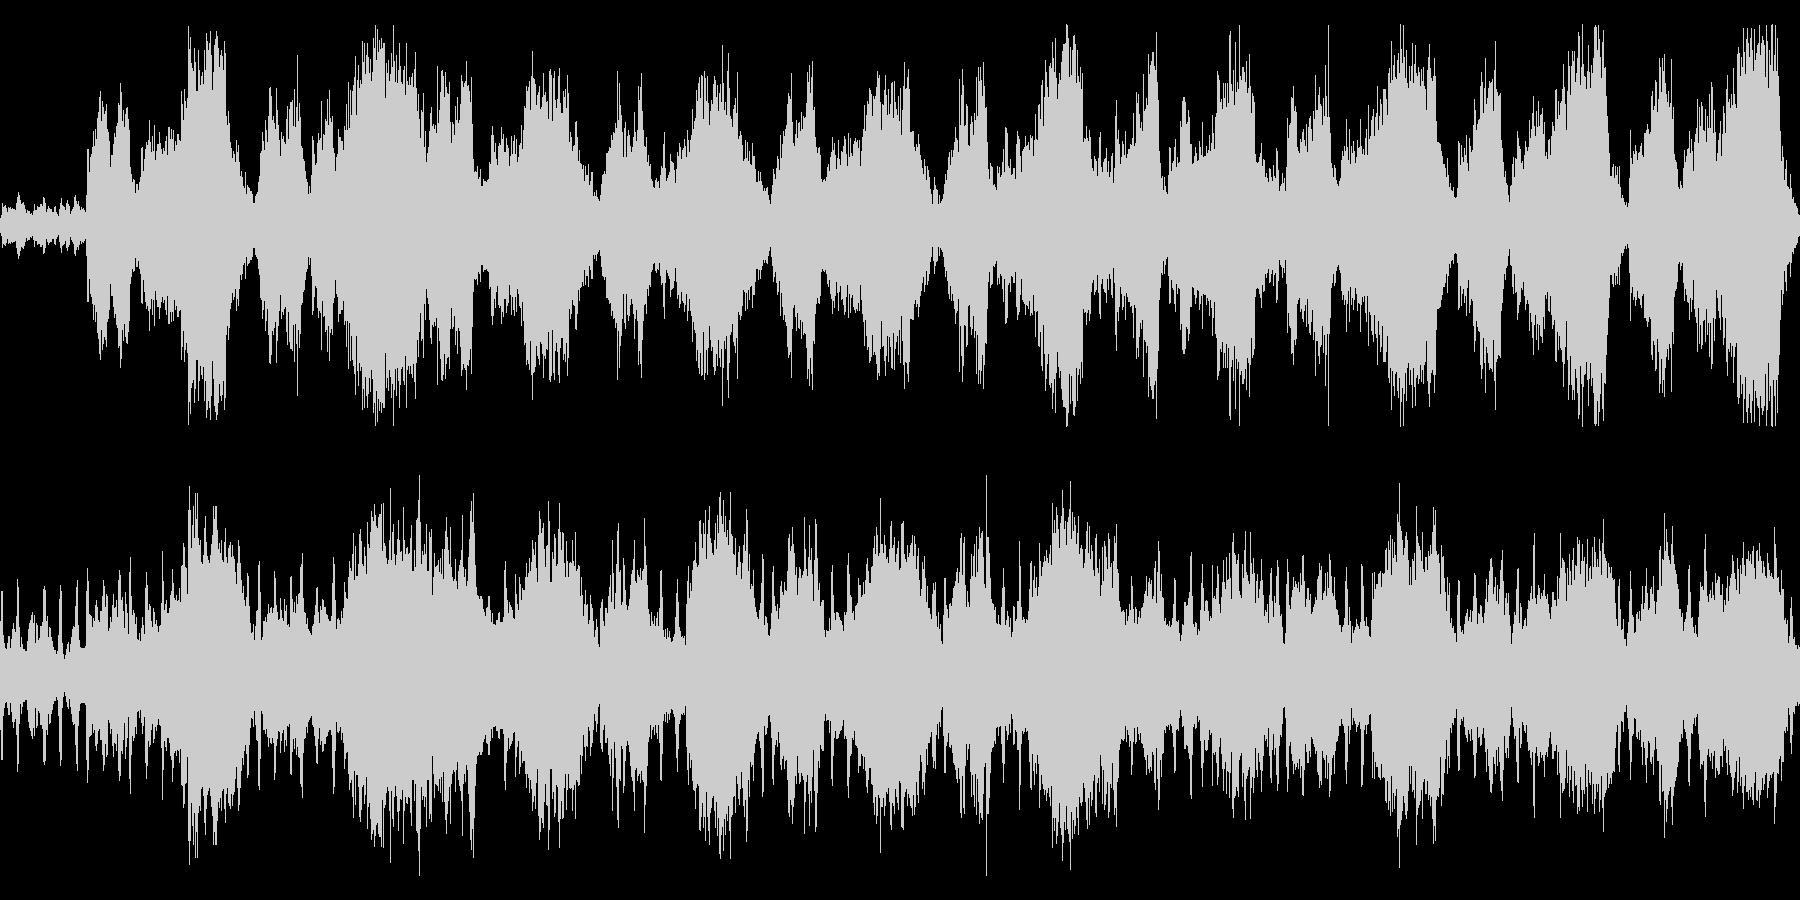 恐怖を演出するストリングス ループ素材の未再生の波形